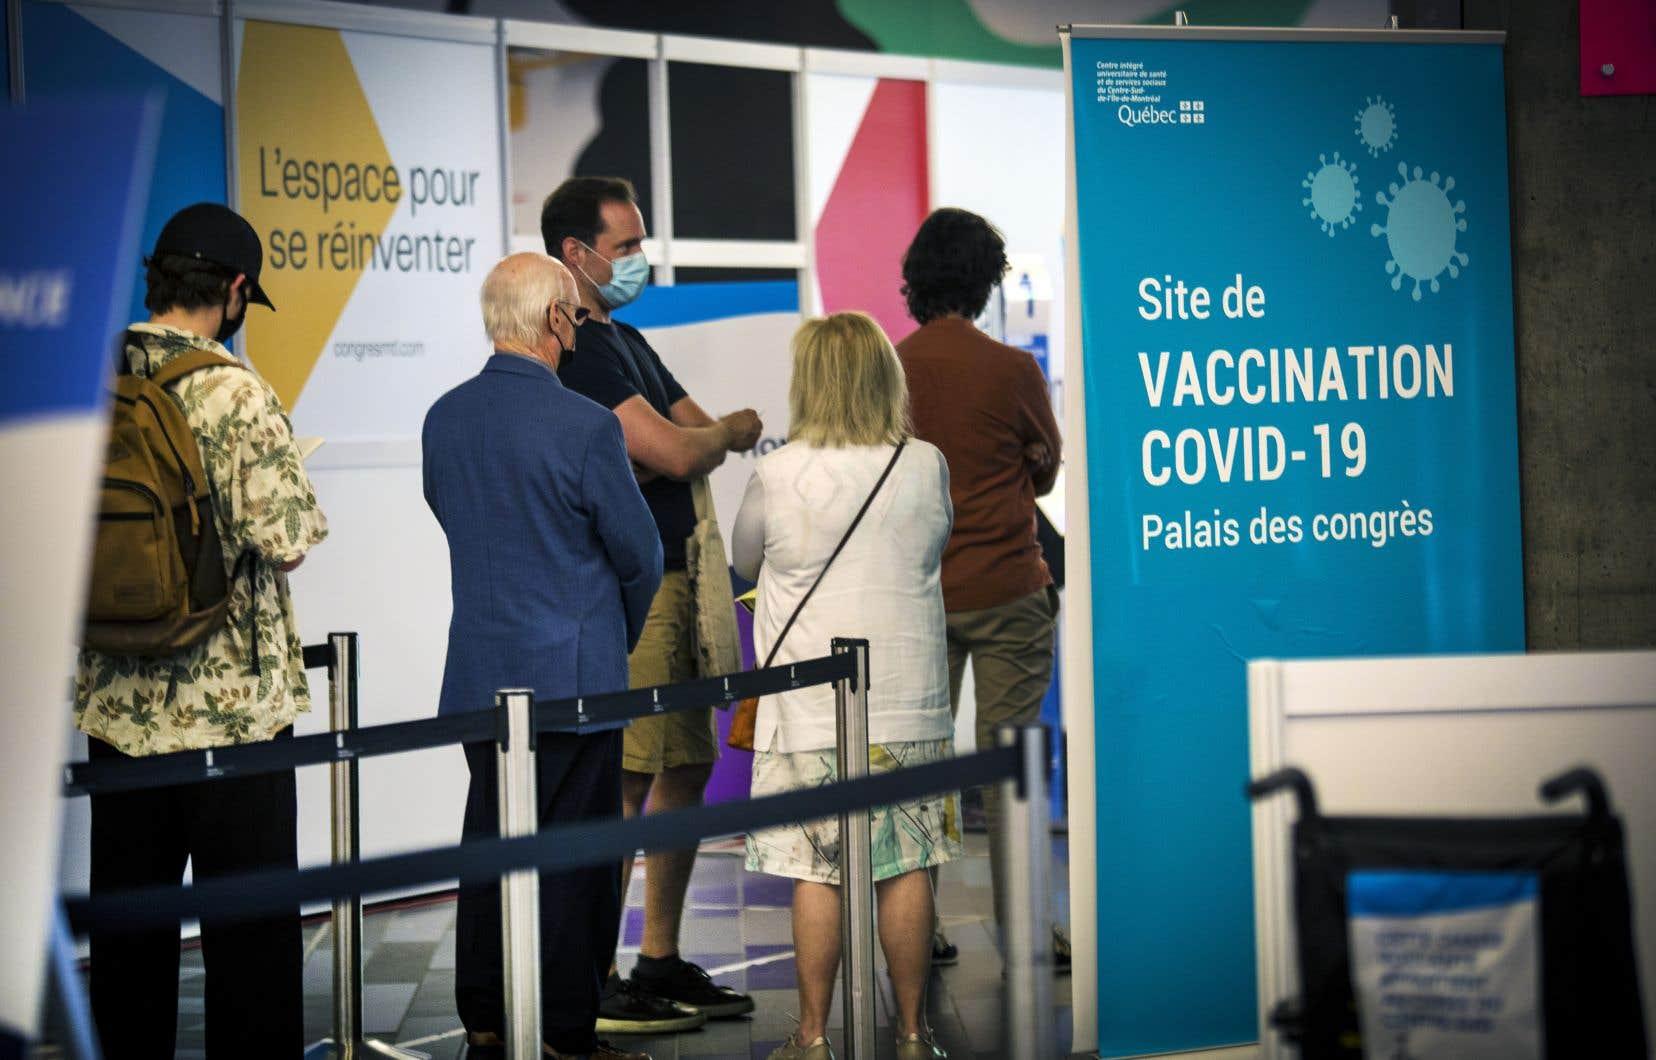 Est-il recommandé de recevoir une deuxième dose du vaccin d'AstraZeneca ou pas? Une déclaration «erronée» sur le site de vaccination du gouvernement du Québec recommandant les vaccins de Pfizer et Moderna a suscité la confusion à ce sujet. Si les comités québécois et fédéral penchent tous les deux pour les vaccins ARNm, il sera tout de même possible de recevoir la deuxième dose de son choix.